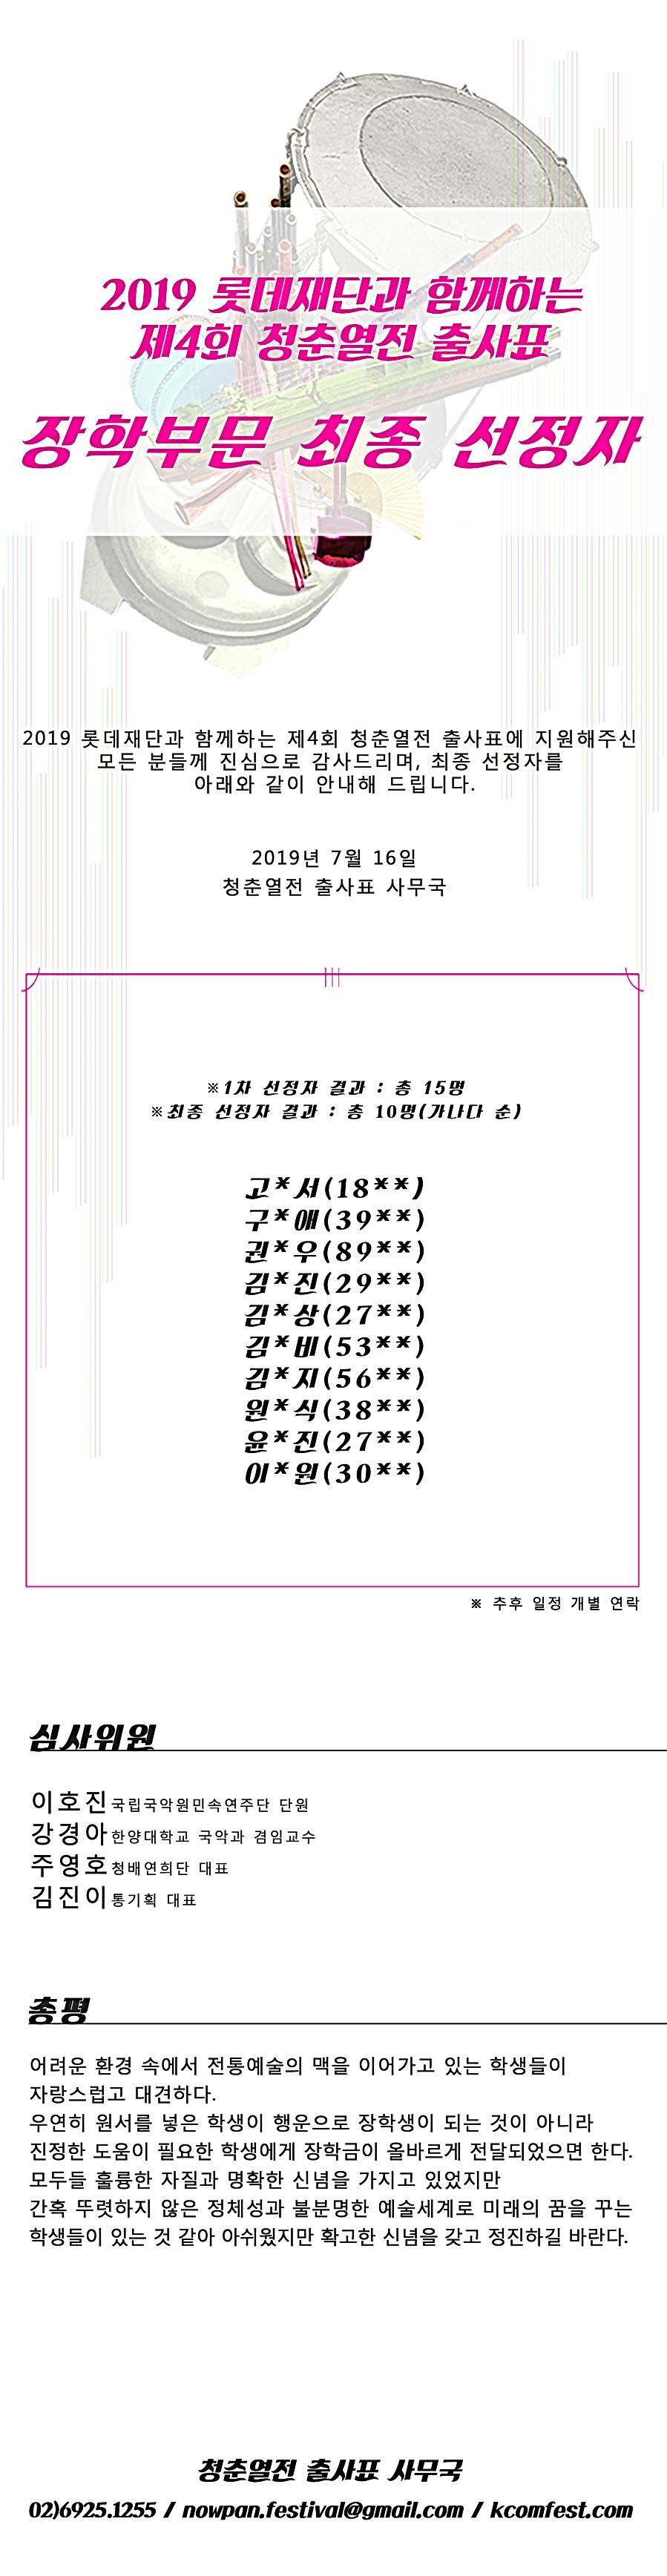 출사표_선정결과_2차_장학.jpg